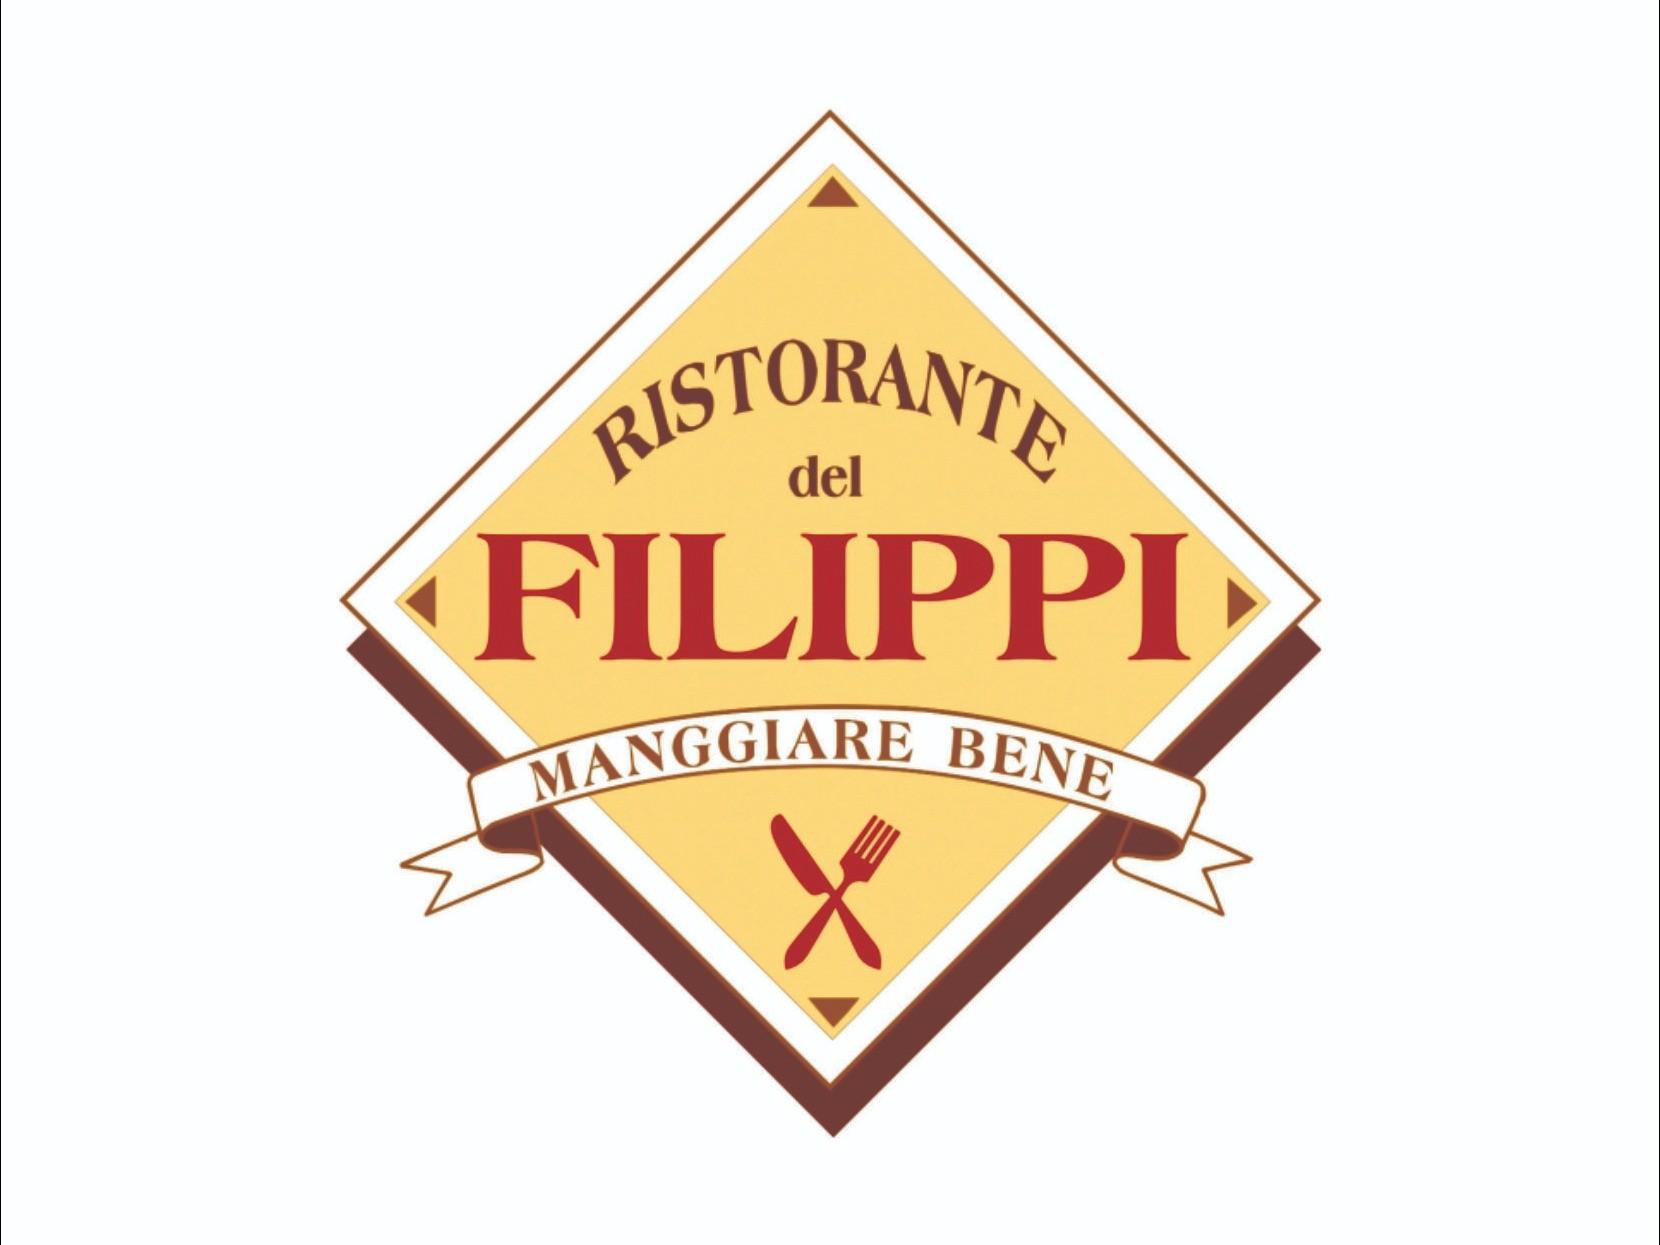 Logotipo Ristorante Del Filippi